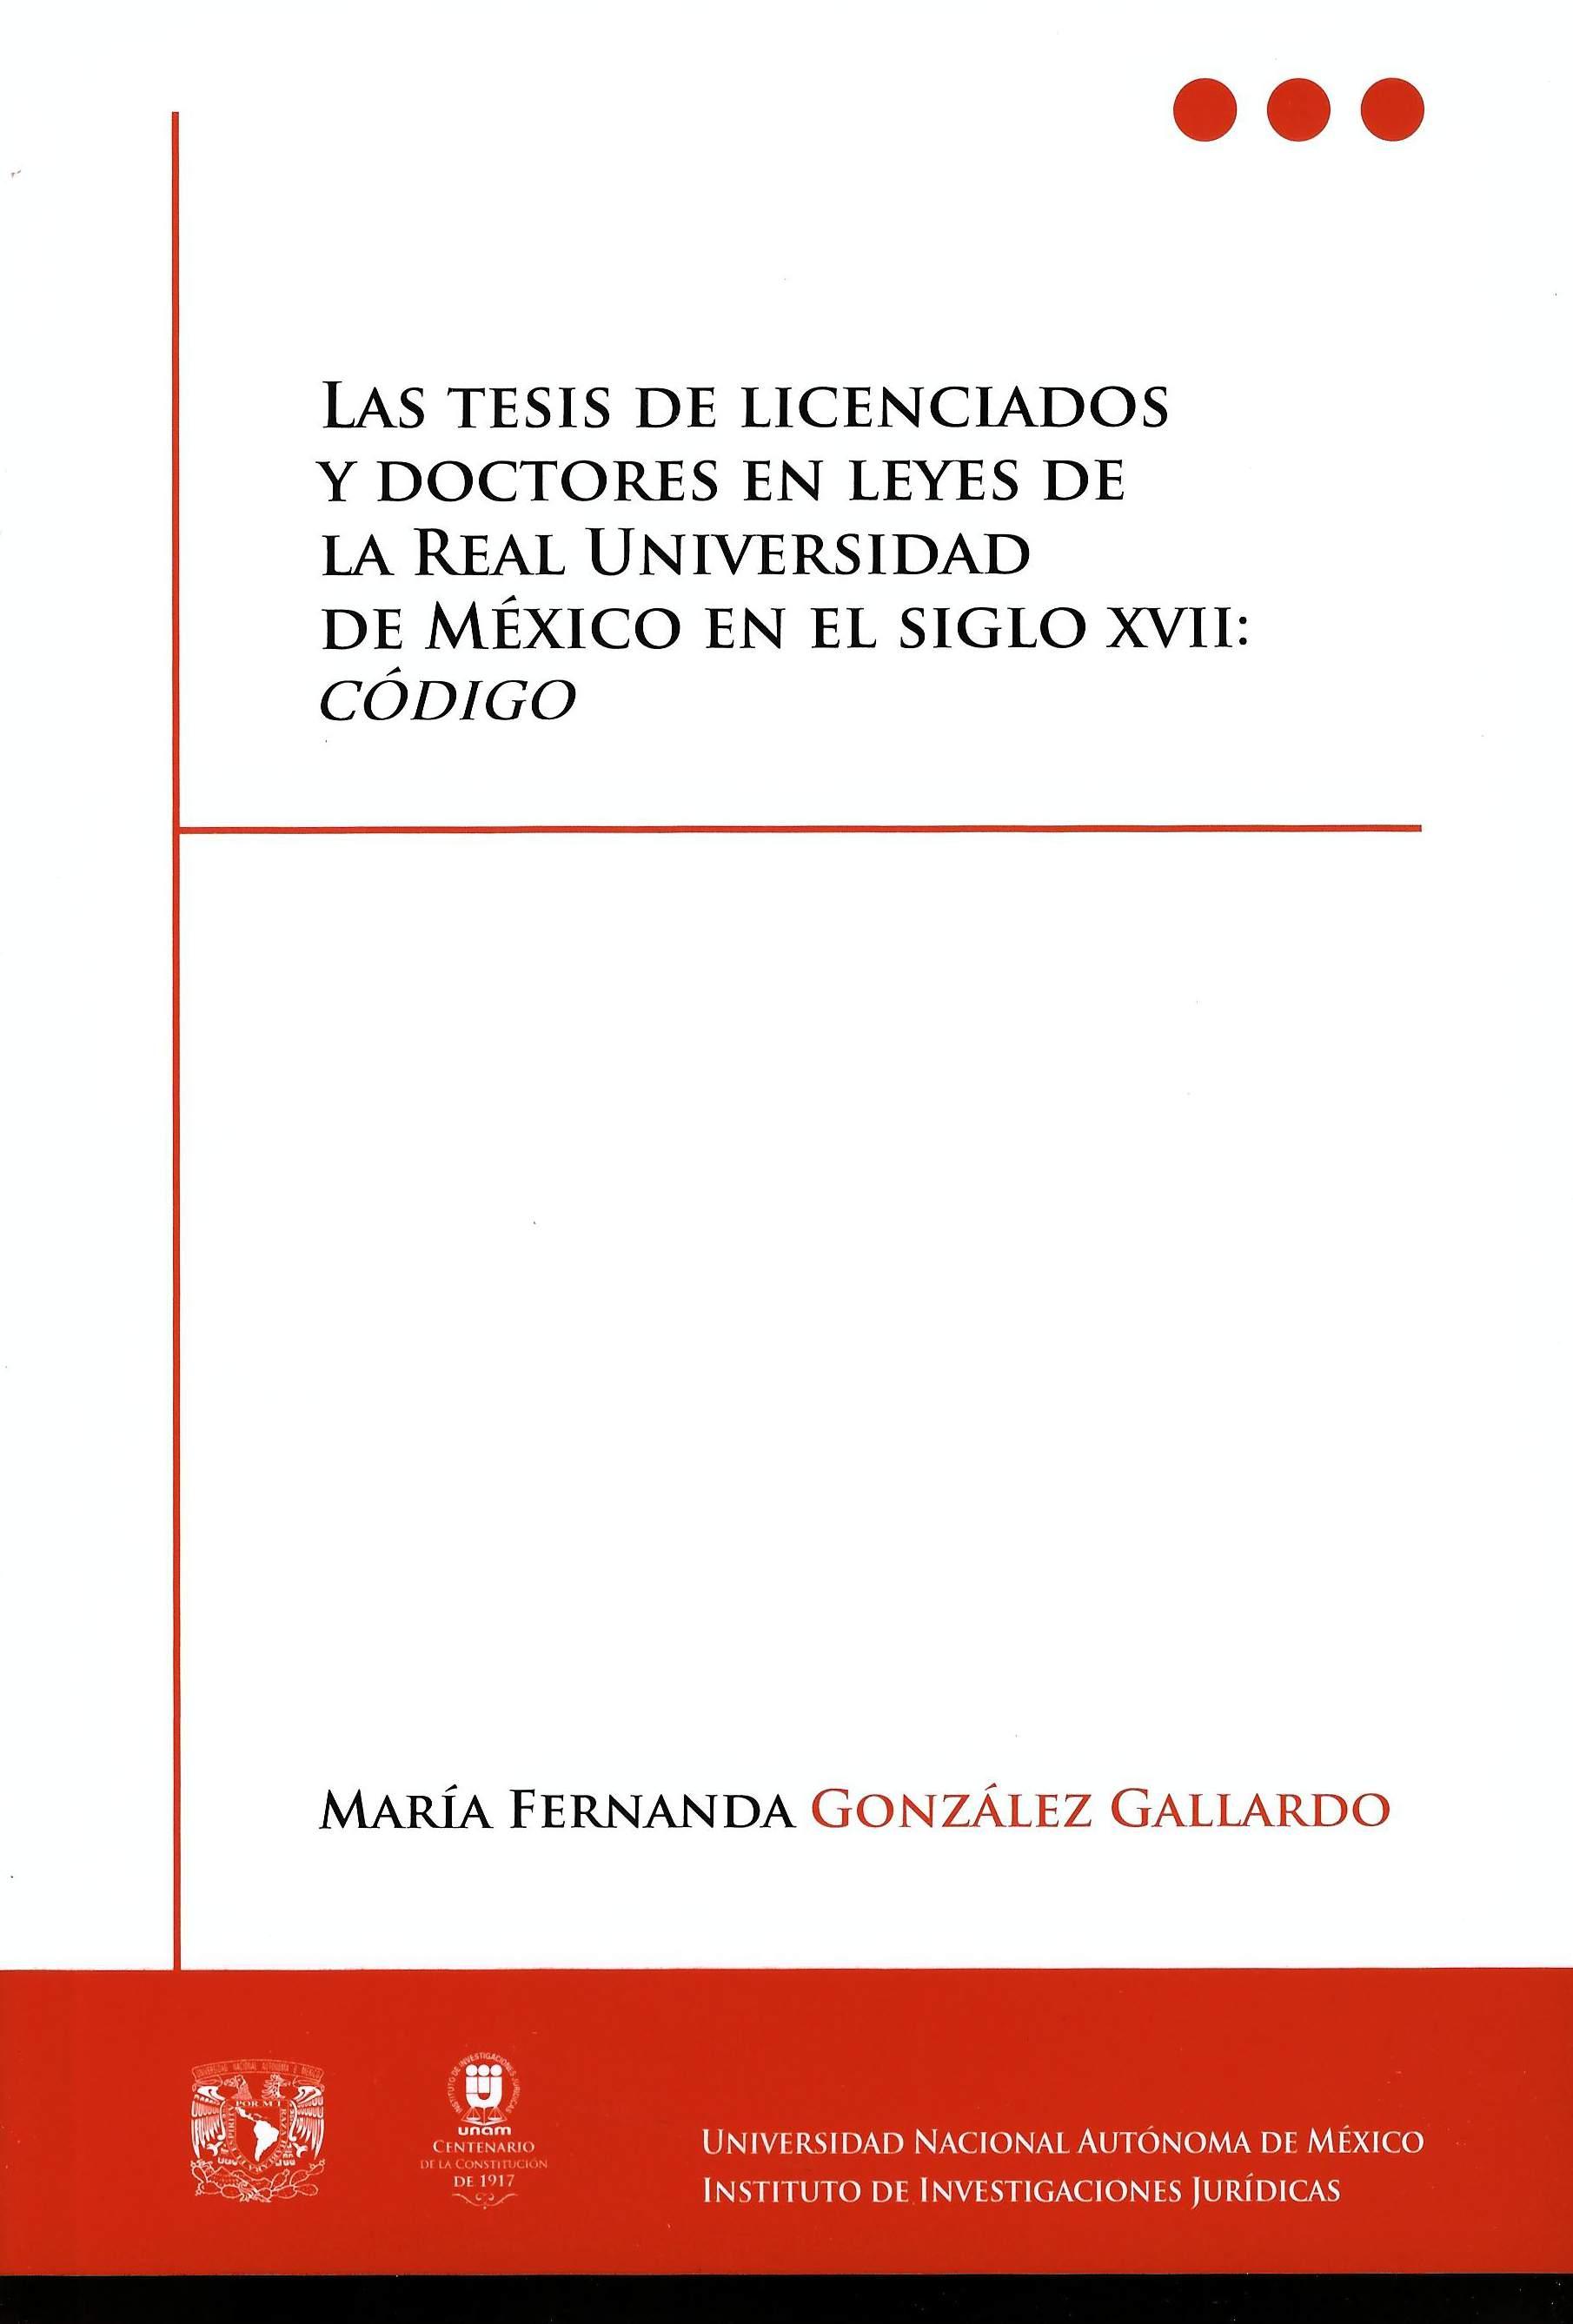 Las tesis de licenciados y doctores en leyes de La Real Universidad de México en el siglo XVII: